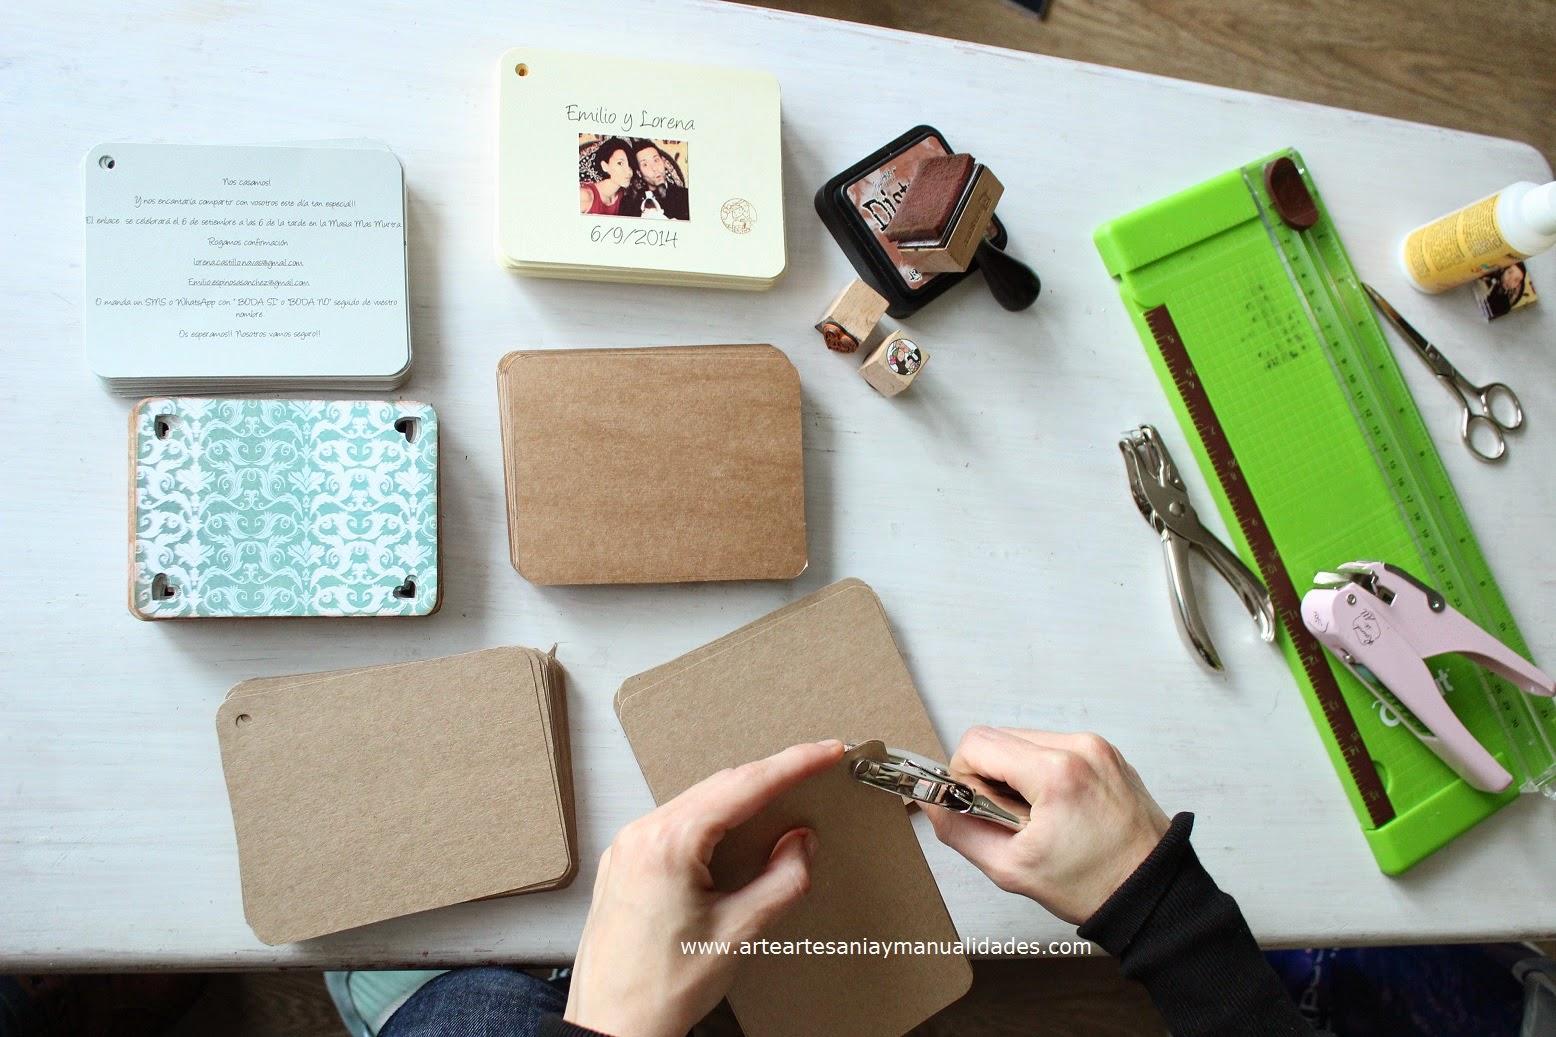 Arte artesania y manualidades invitaciones de boda scrapbooking - Manualidades regalo boda ...